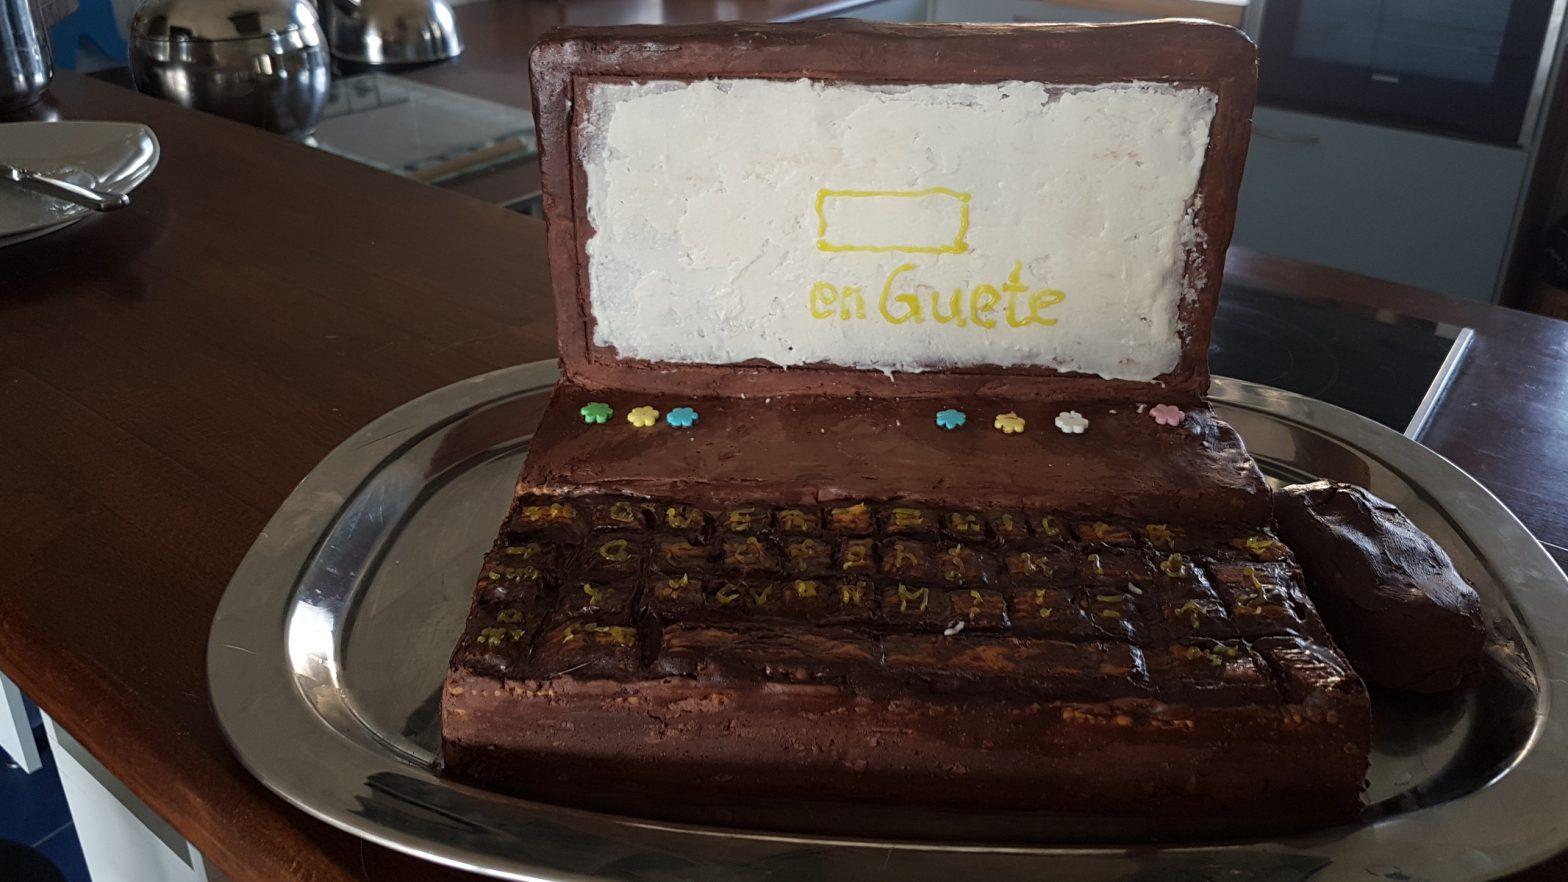 Laptop nur mit essbarem Material, keine aufwändige Deko, nur bissel kleiner gebrochene Butterkekse als Tastatur, kalter Hund, Keks bauen